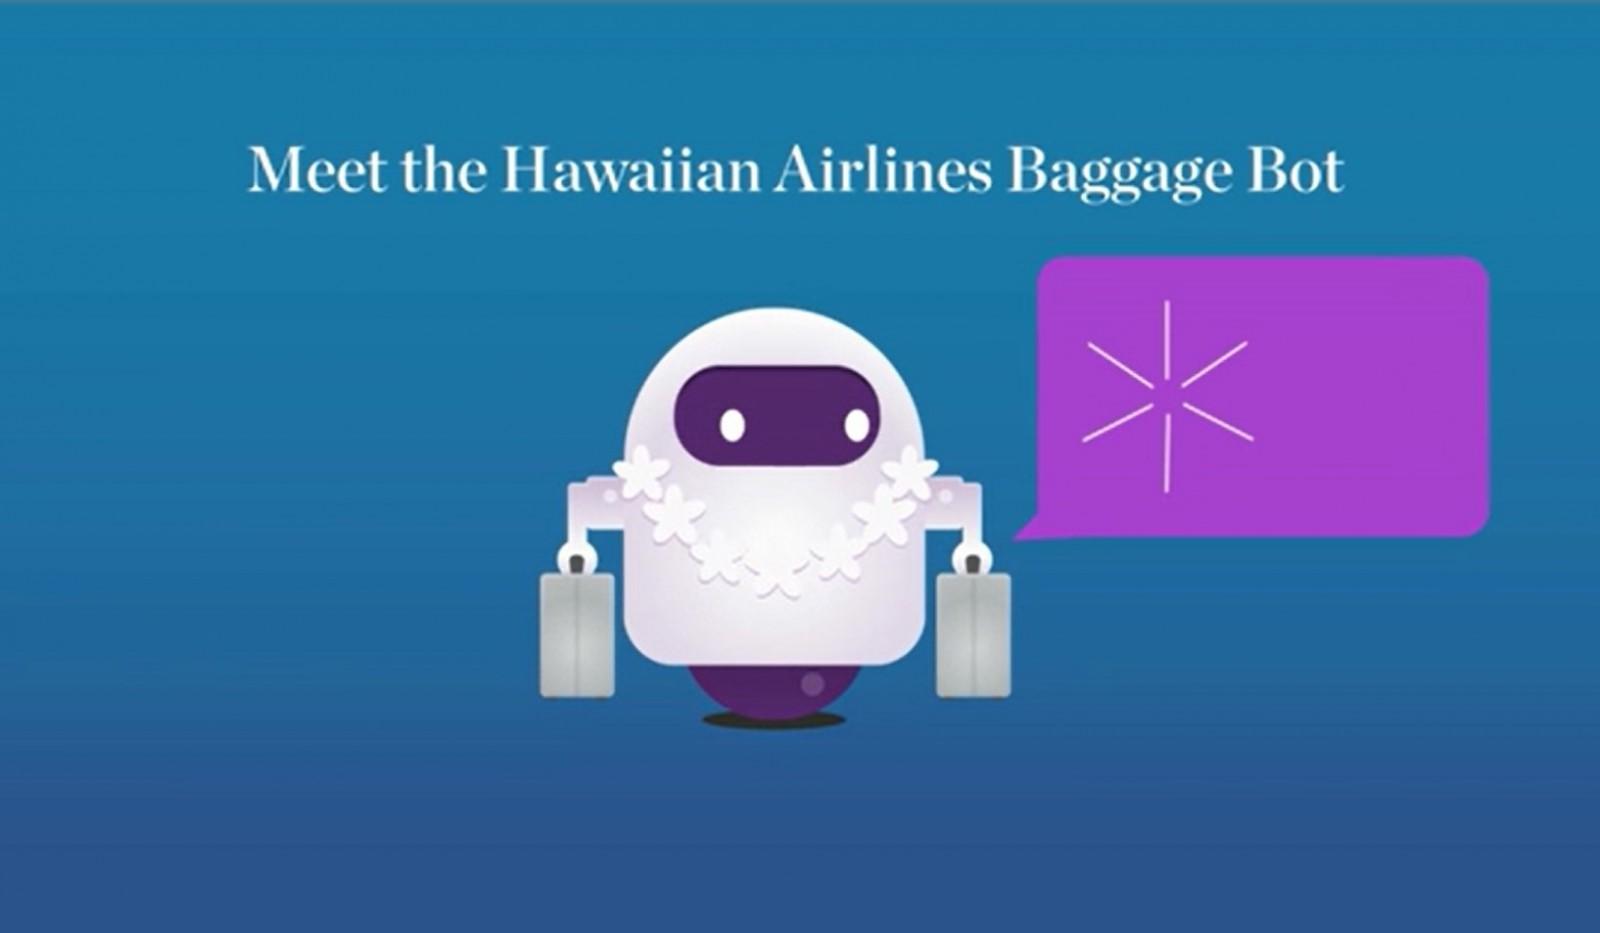 Hawaiian baggage bot online help